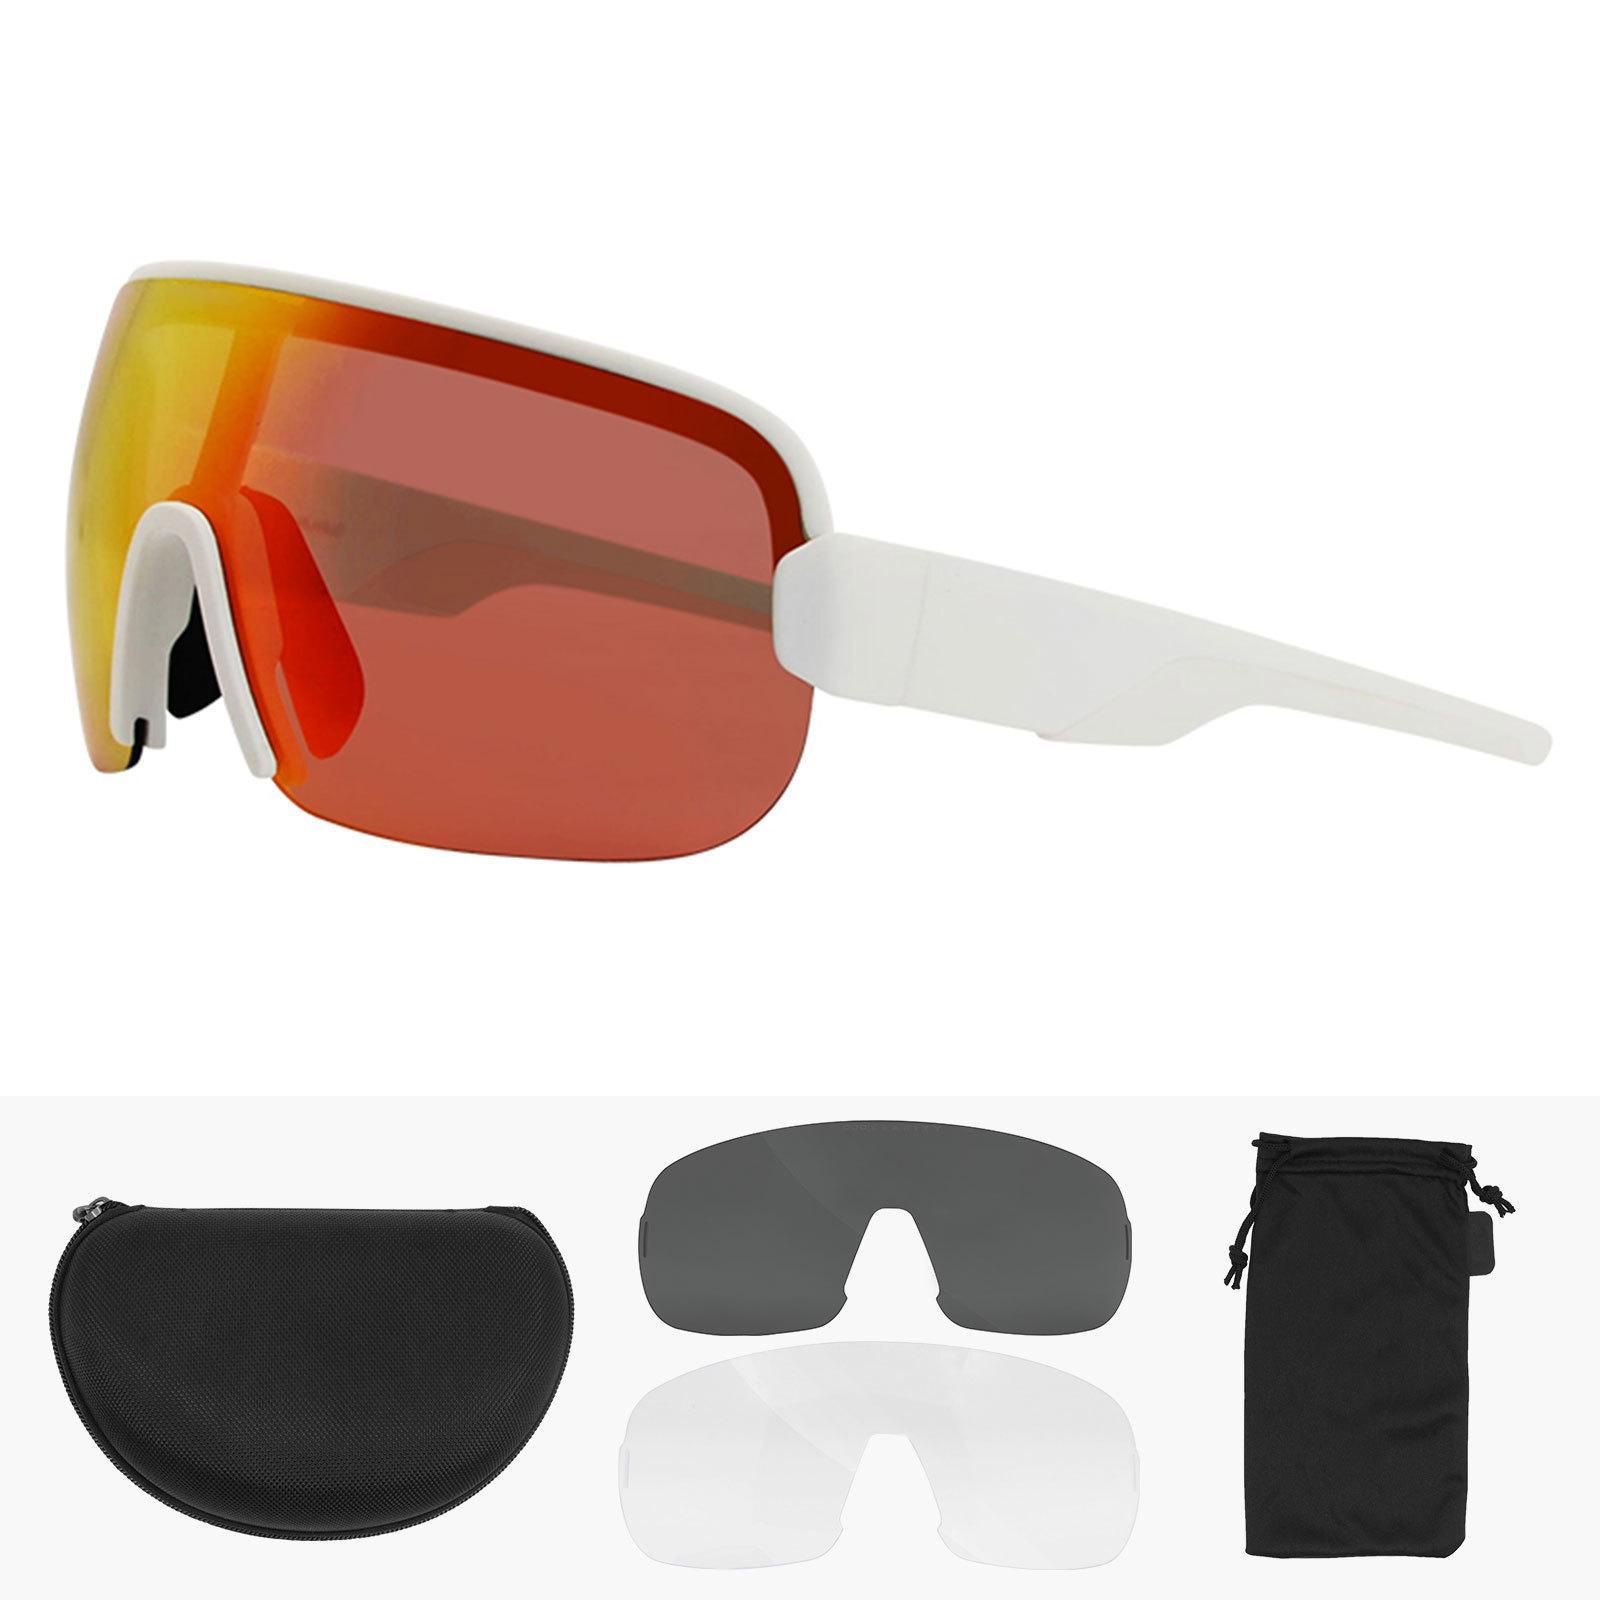 Gözlük Bisiklet Spor Güneş Gözlüğü Rüzgar Geçirmez Gözlük MTB Dağ Bisiklet UV400 Bisiklet Gogglescool